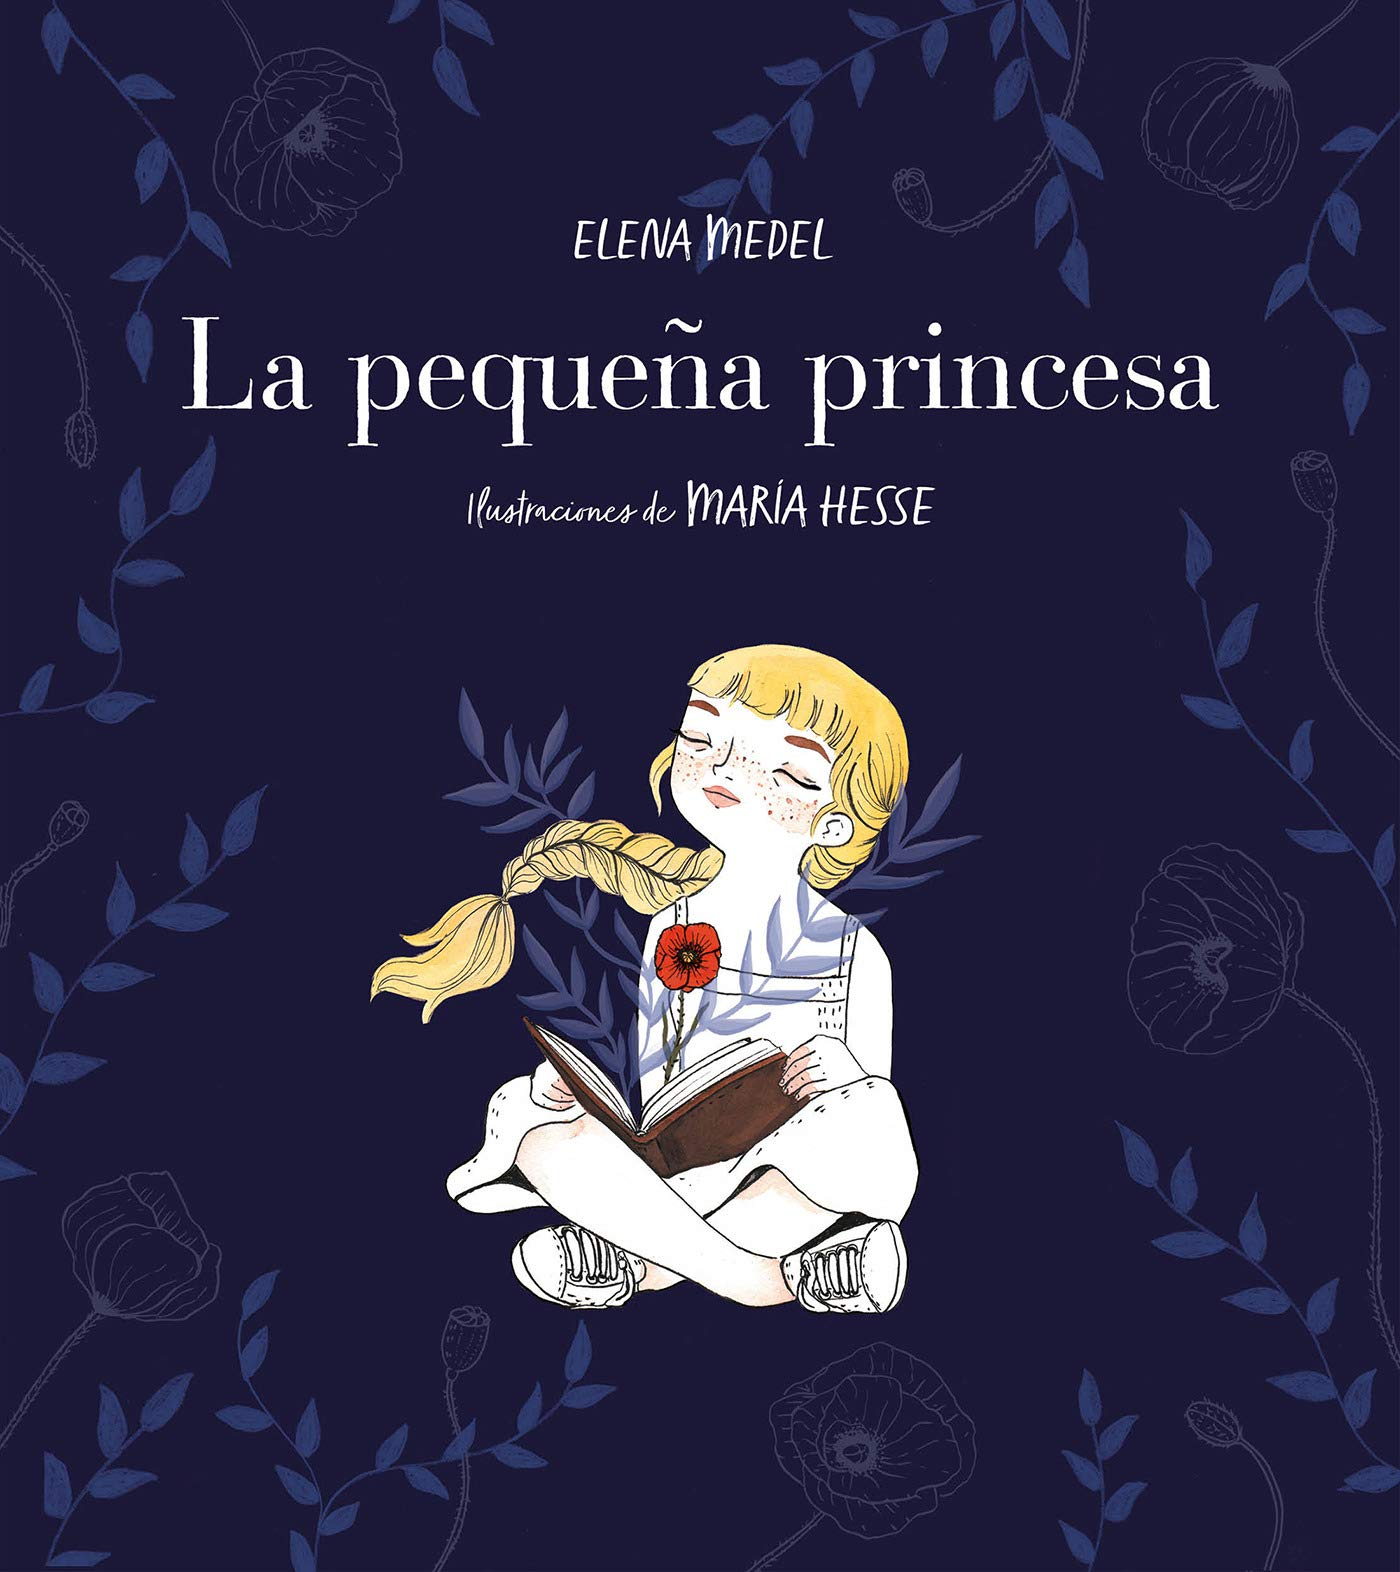 La pequeña princesa (Elena Medel, 2019)